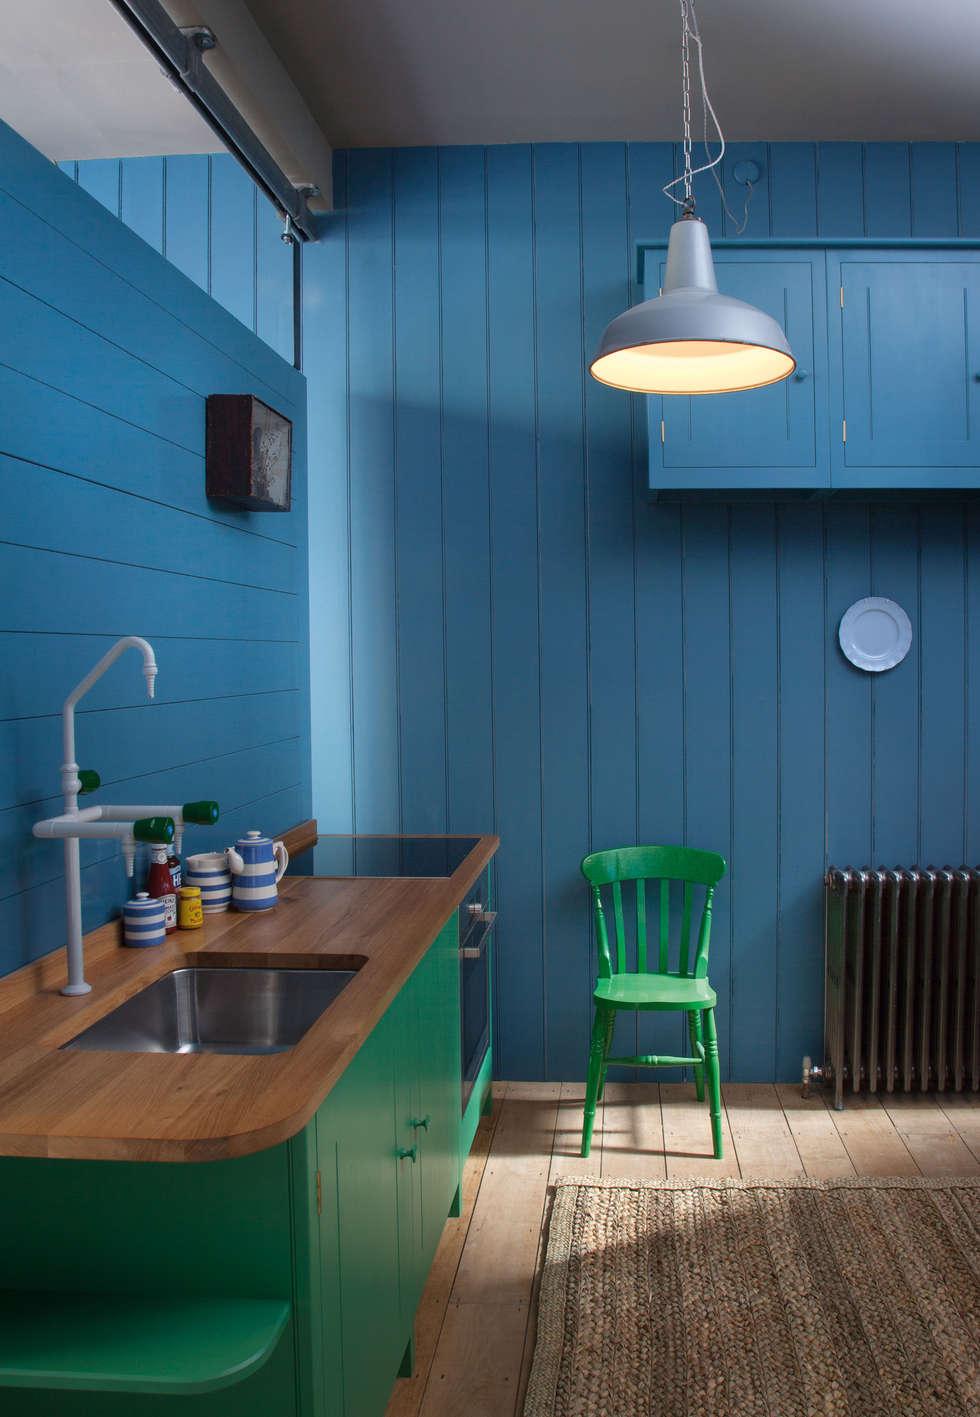 N1 kitchen by british standard: classic kitchen by british standard ...